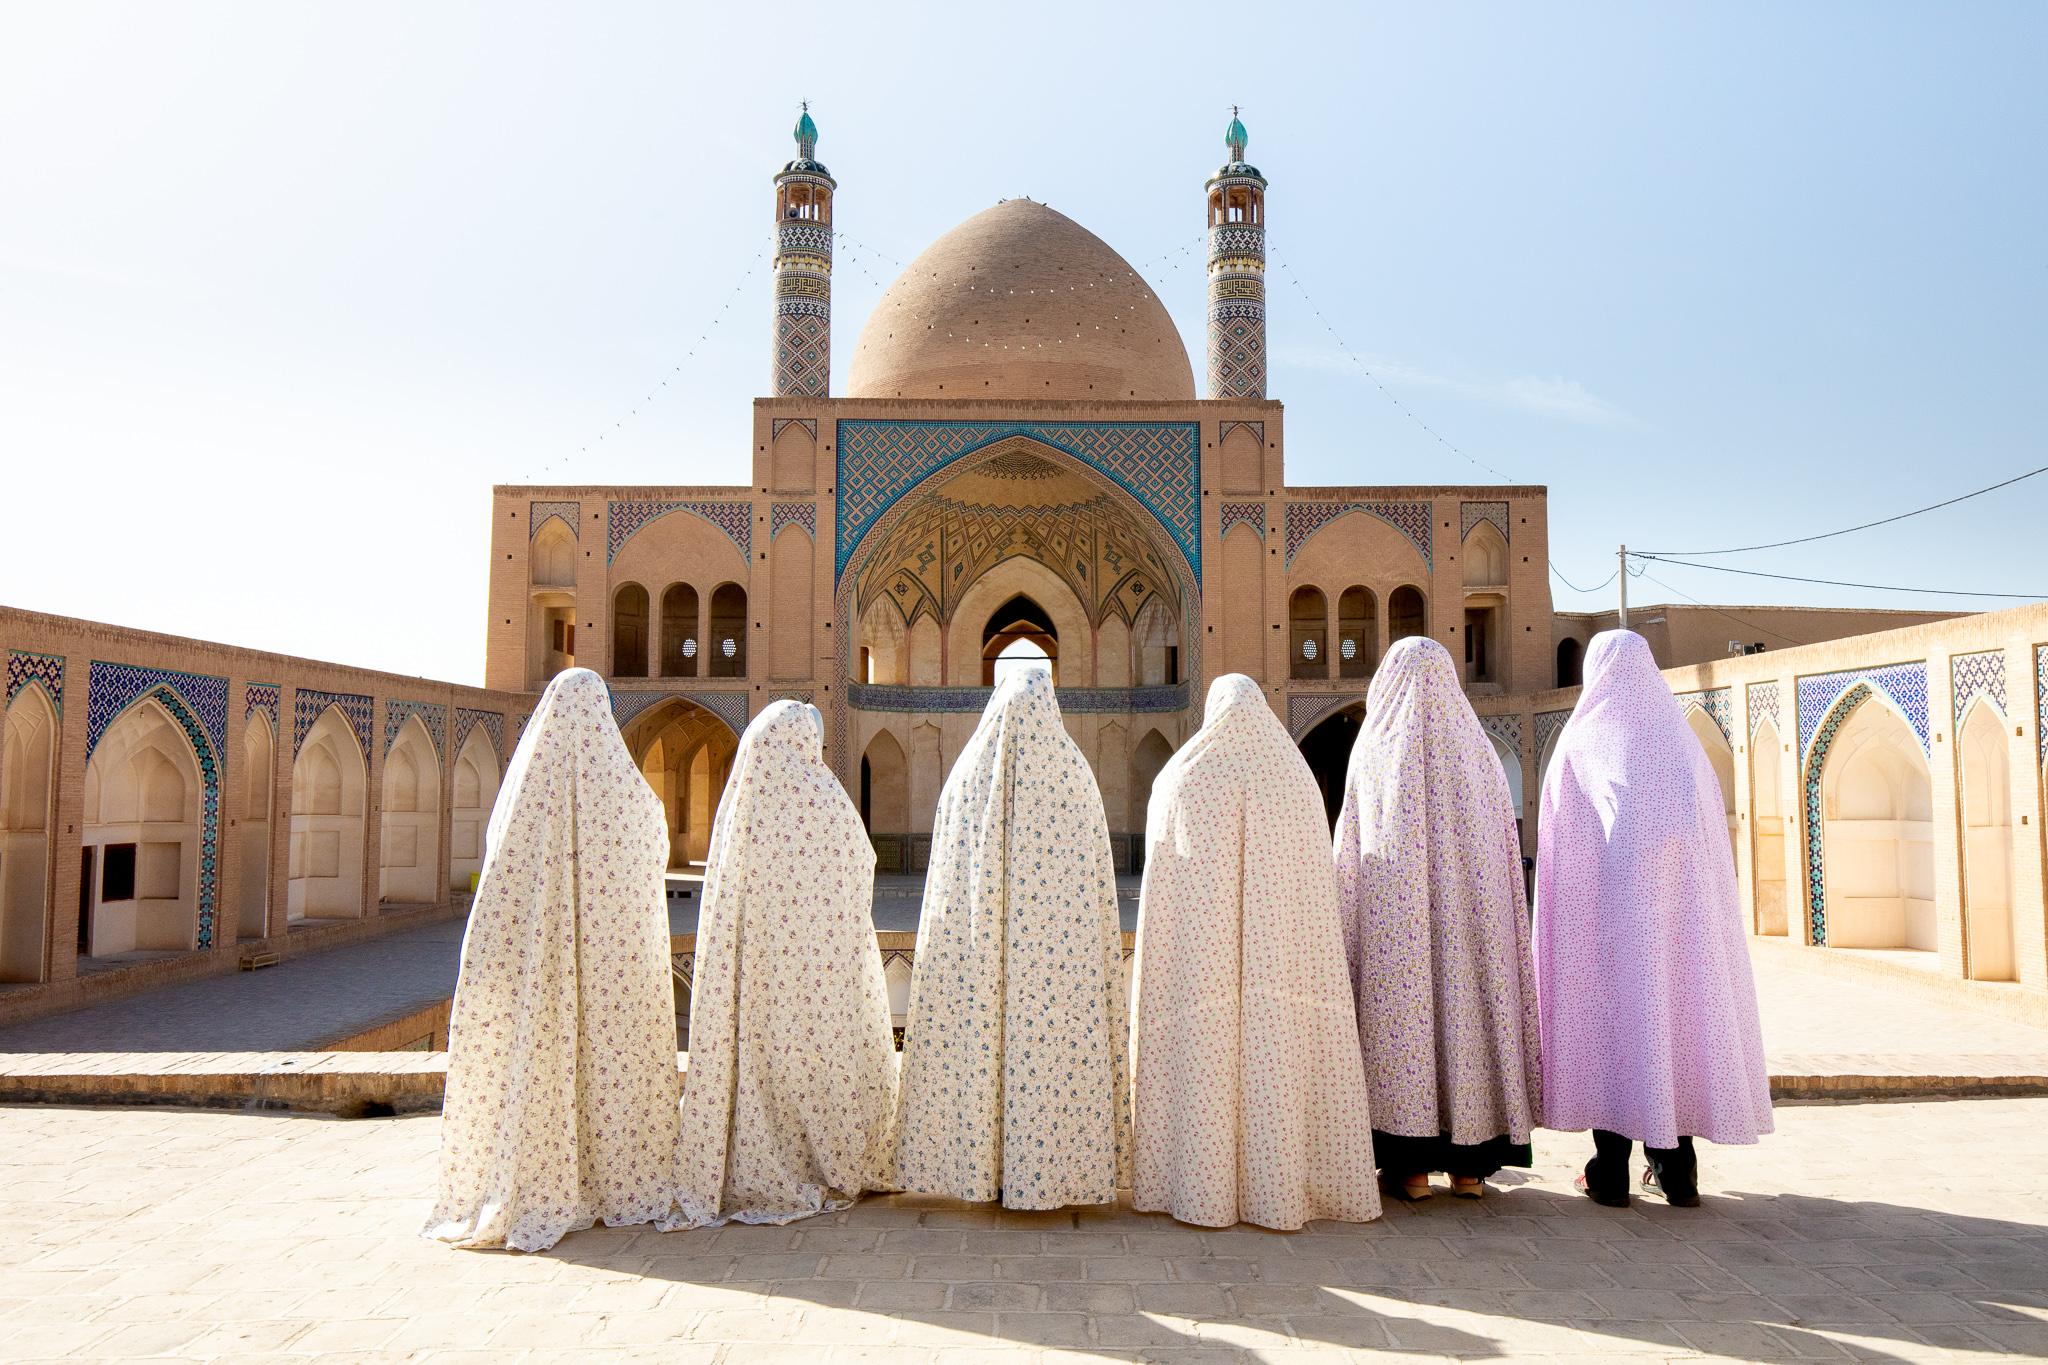 Aga Bozorg Mosque, Kashan